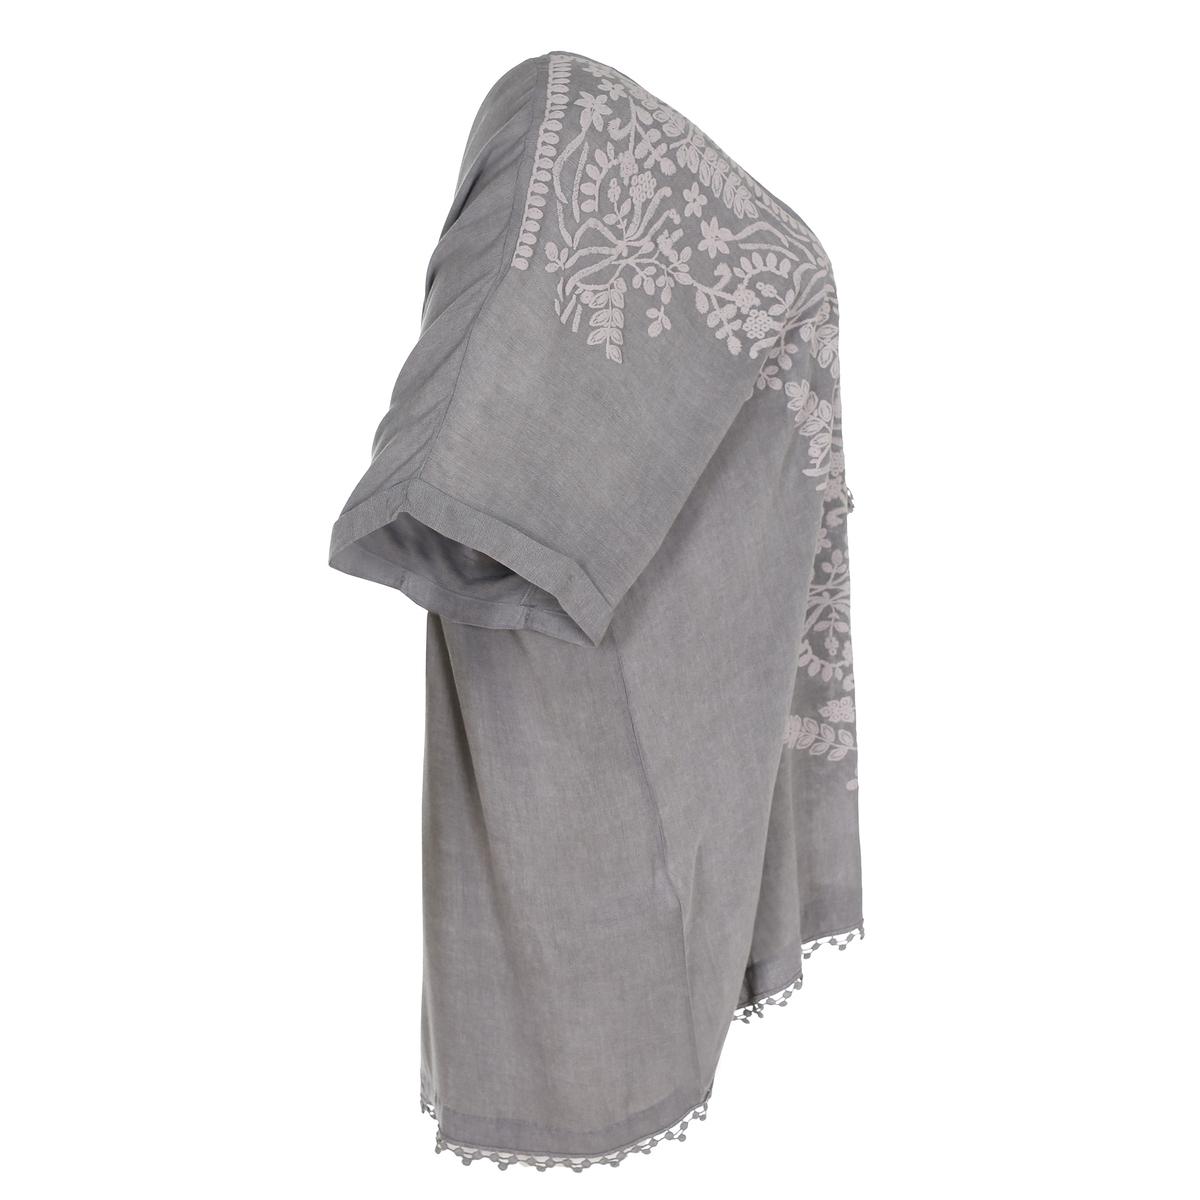 БлузкаБлузка с этническими мотивами MAT FASHION. Струящаяся ткань с принтом в этническом стиле спереди . Украшение подрубленного края вязкой крючком . Короткие рукава. V-образный вырез с завязками с бахромой  . 100% вискоза<br><br>Цвет: серый<br>Размер: 48/52 (FR) - 54/58 (RUS)